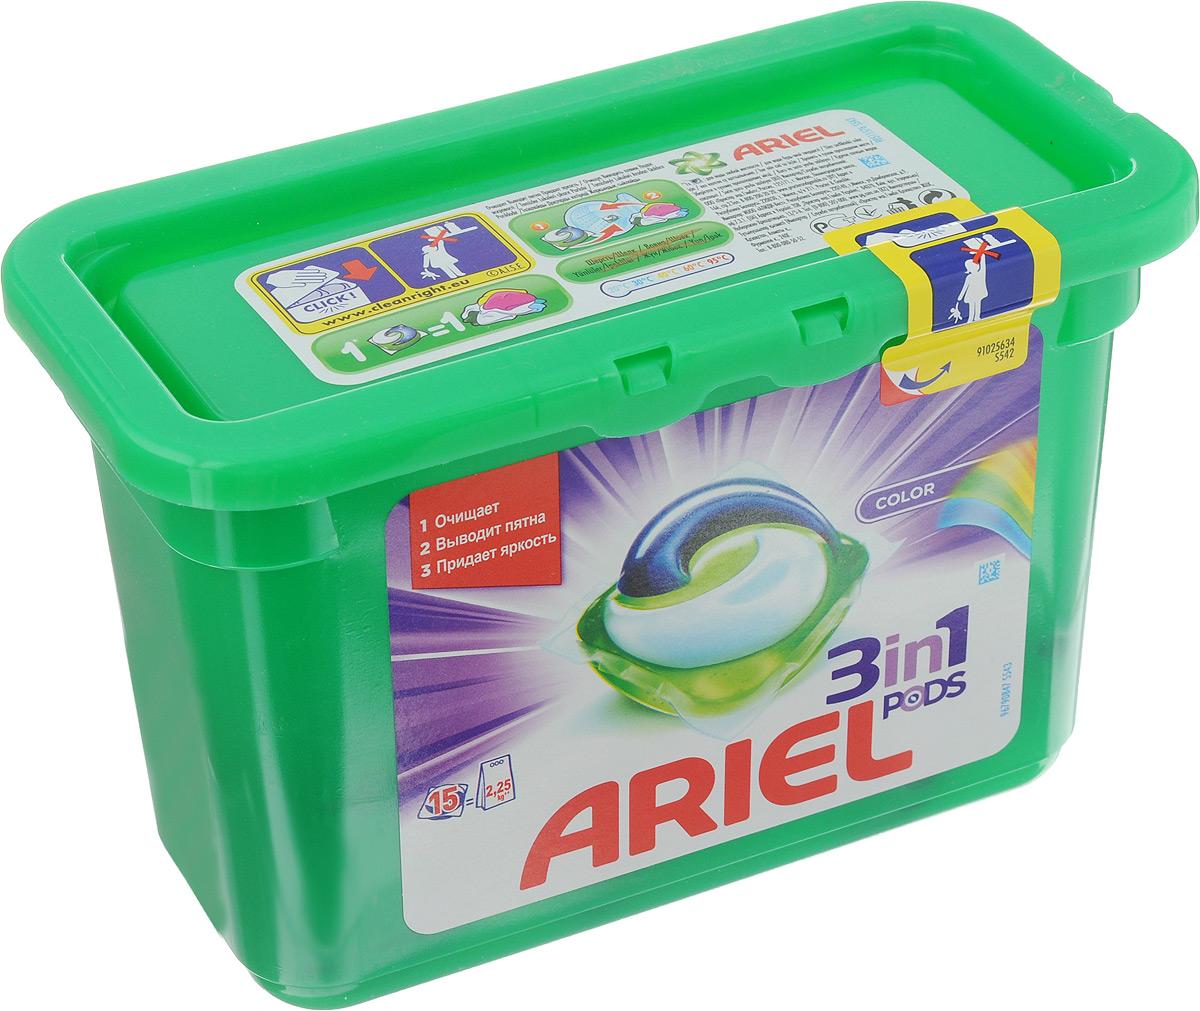 Гель в капсулах Ariel Pods 3 в 1 Color, 15 штAG-81519867Гель в капсулах Ariel Pods 3 в 1 Color очищает, выводит пятна, придает яркость. Это первое средство для стирки с тремя раздельными компонентами, которые работают вместе. Благодаря специальной быстрорастворимой пленке компоненты находятся в отдельных секциях капсулы, что предотвращает их смешивание до начала стирки. Капсулы предназначены для использования в стиральных машинах любого типа. Товар сертифицирован.